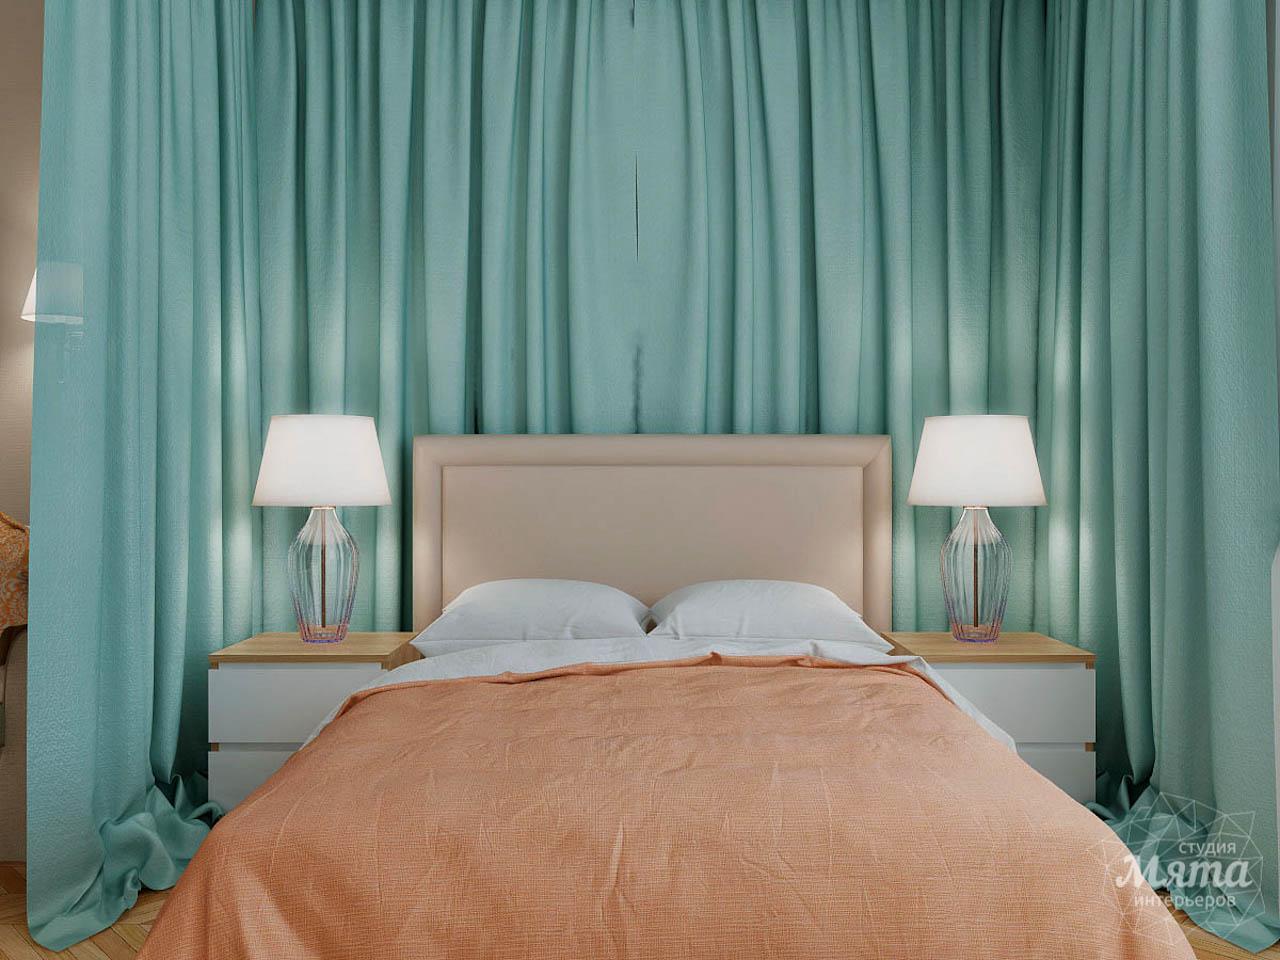 Дизайн интерьера однокомнатной квартиры по ул. Мичурина 231 img1267470023